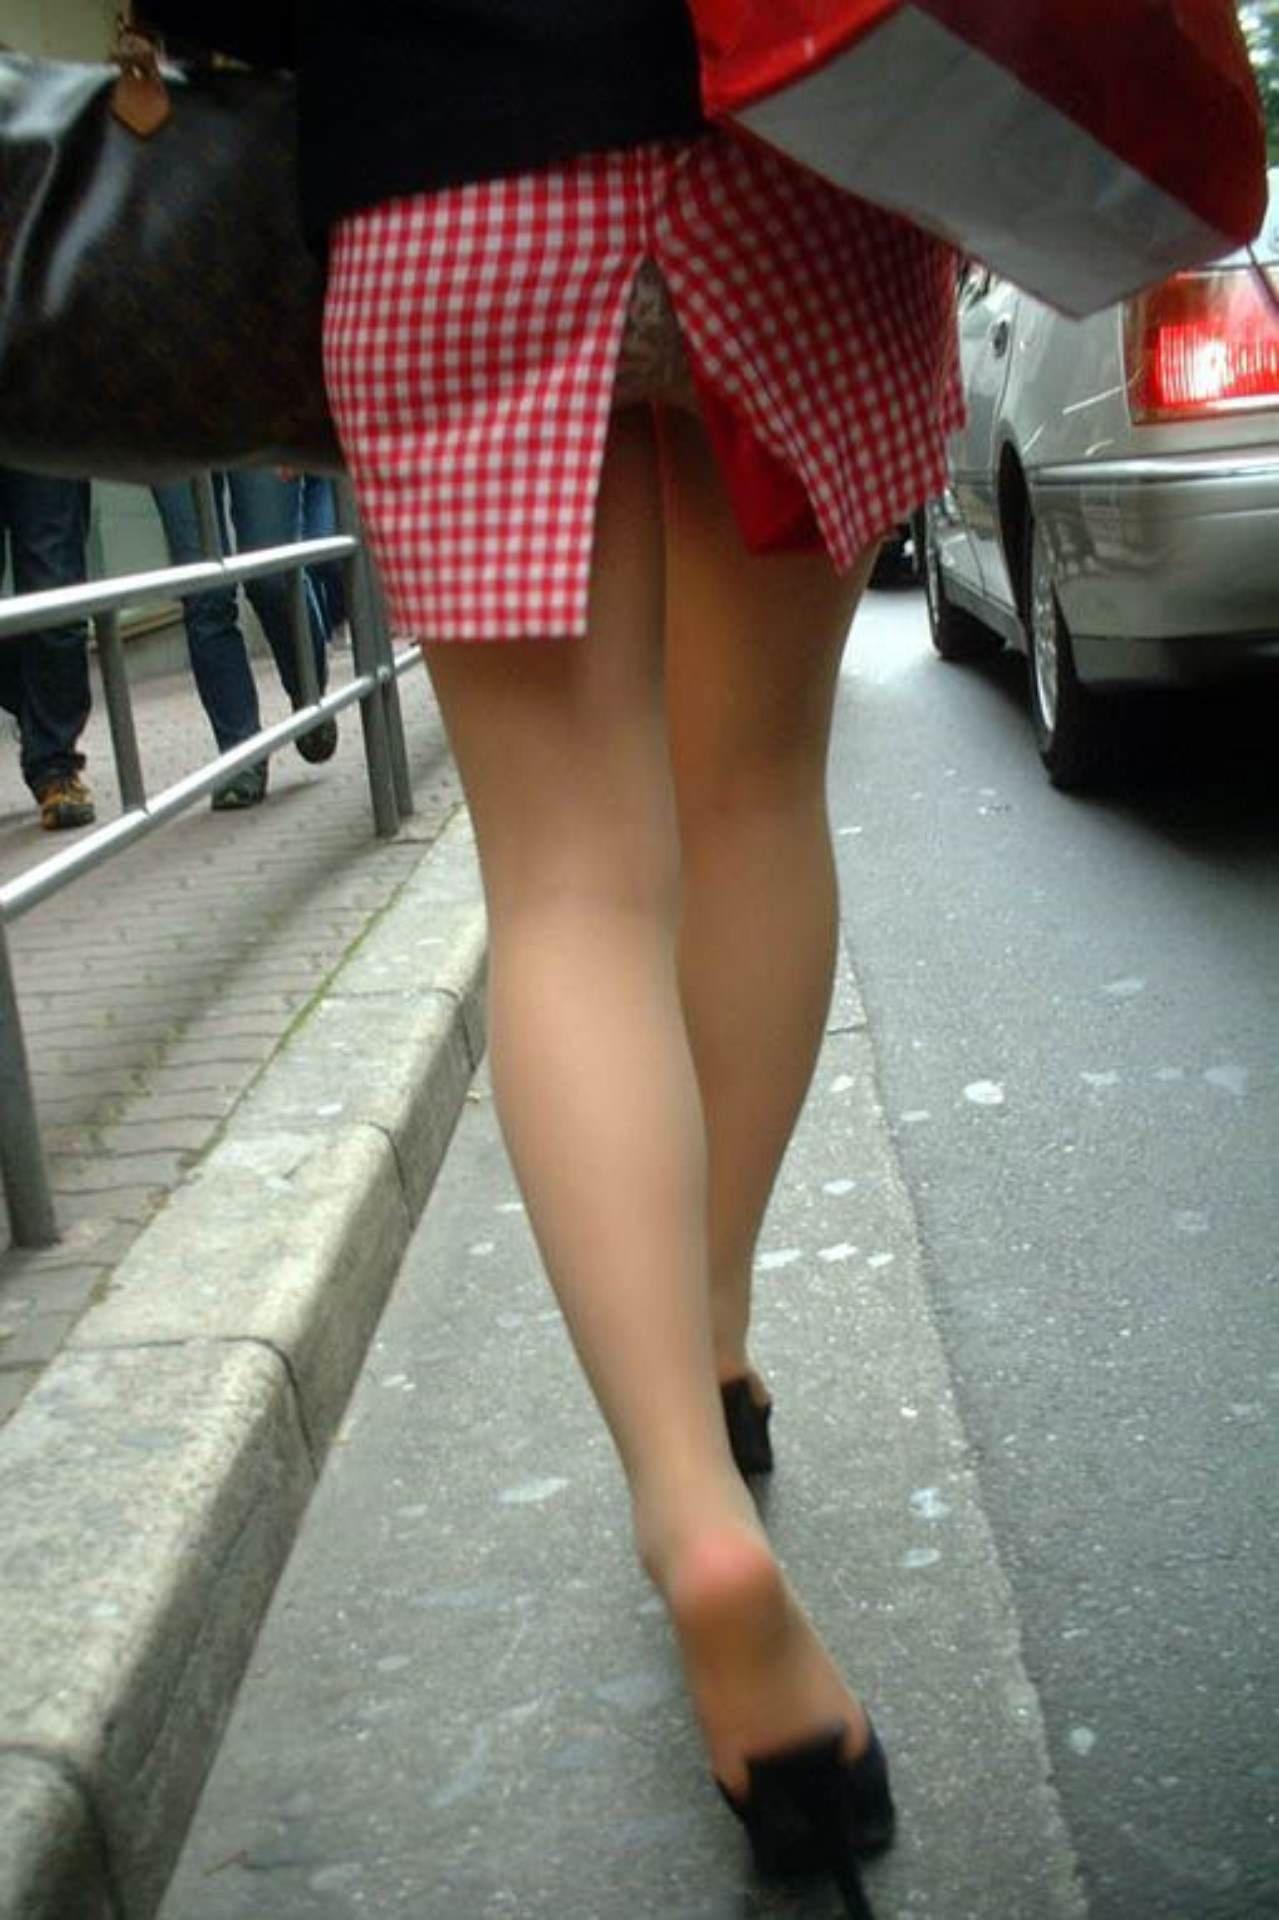 スカートめくれてるしwwwおちゃめなパンチラ街撮り画像www 0435